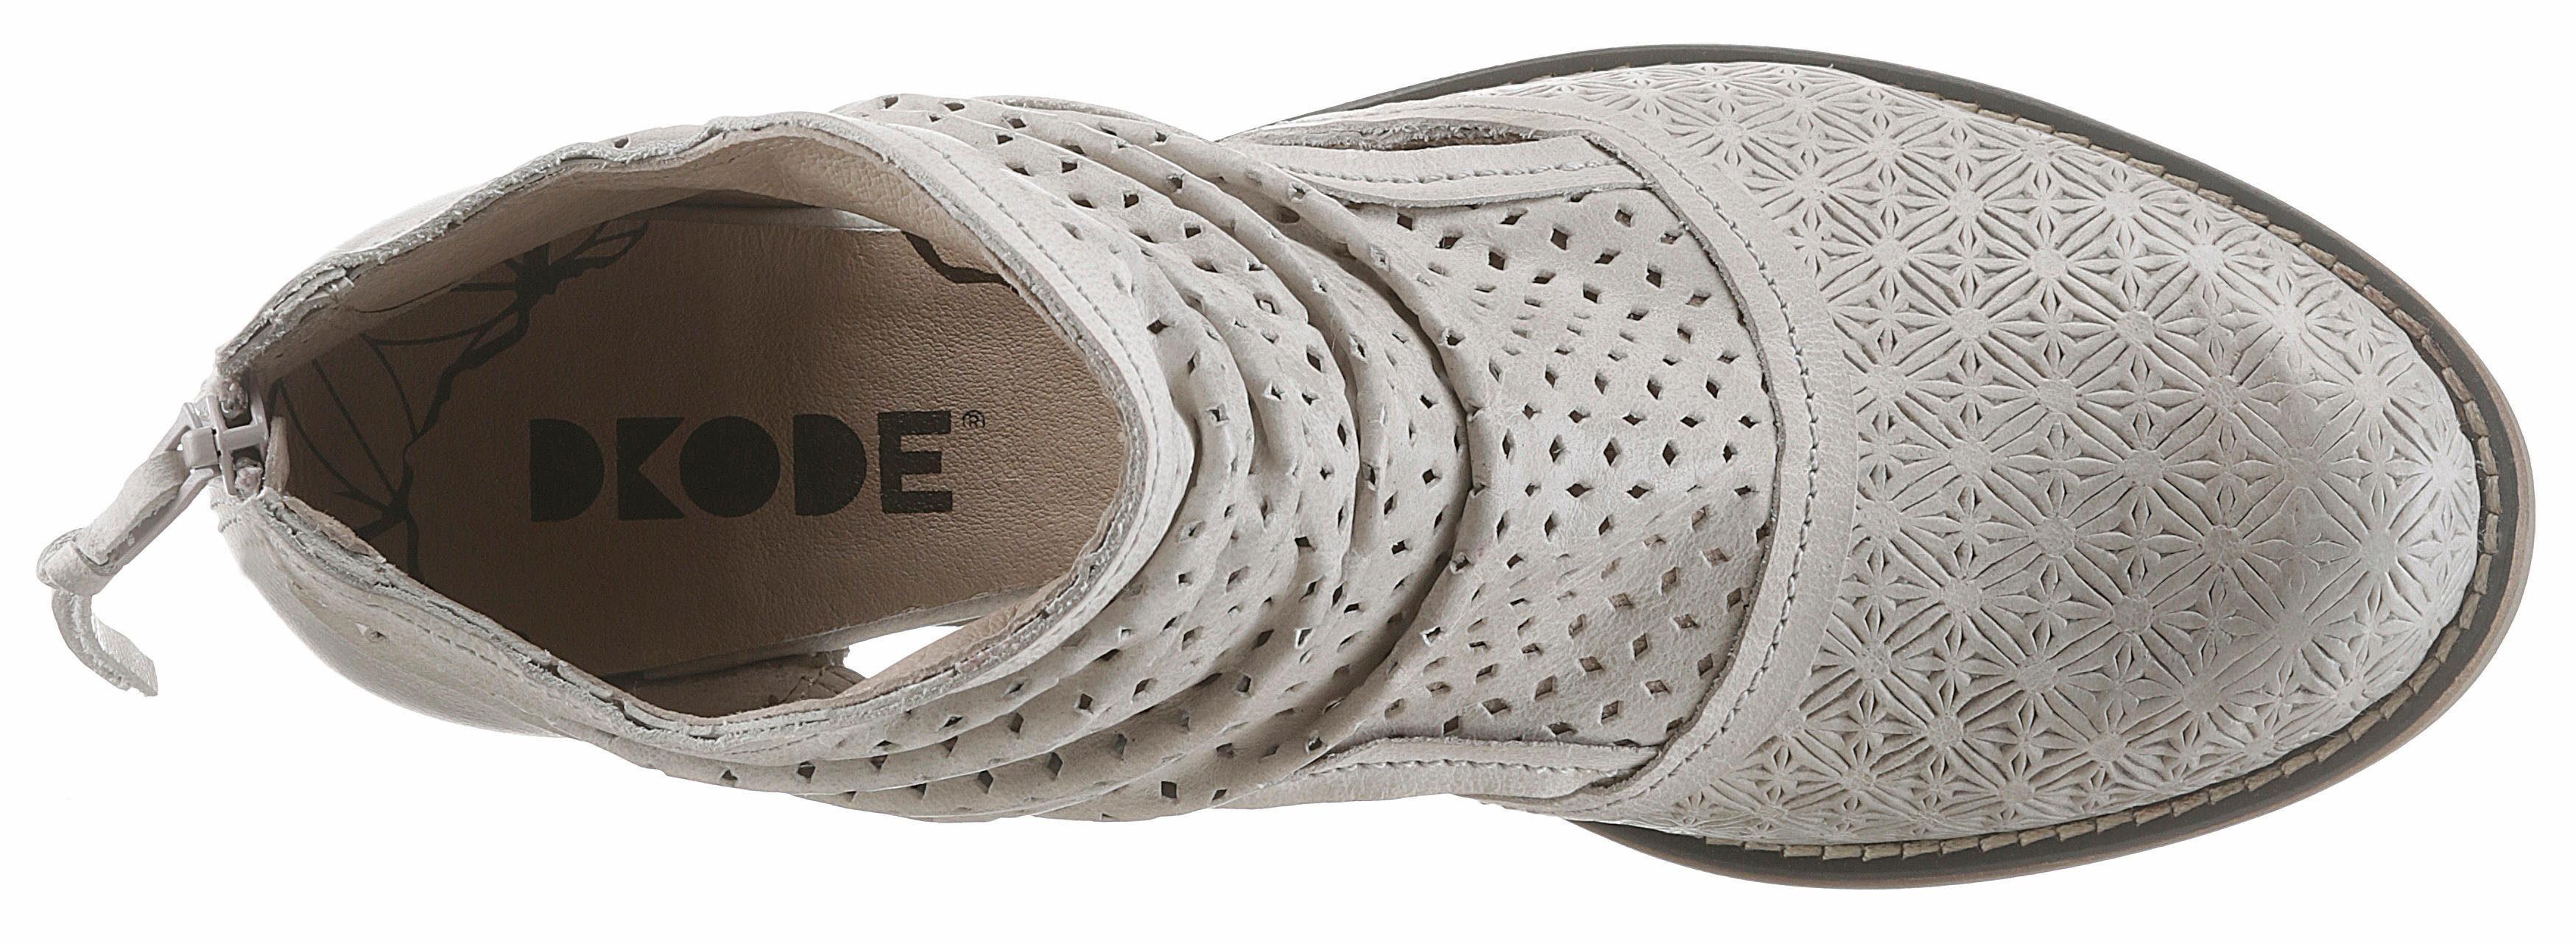 DKODE Bahal Stiefelette, mit modischen Lasercut  hellgrau